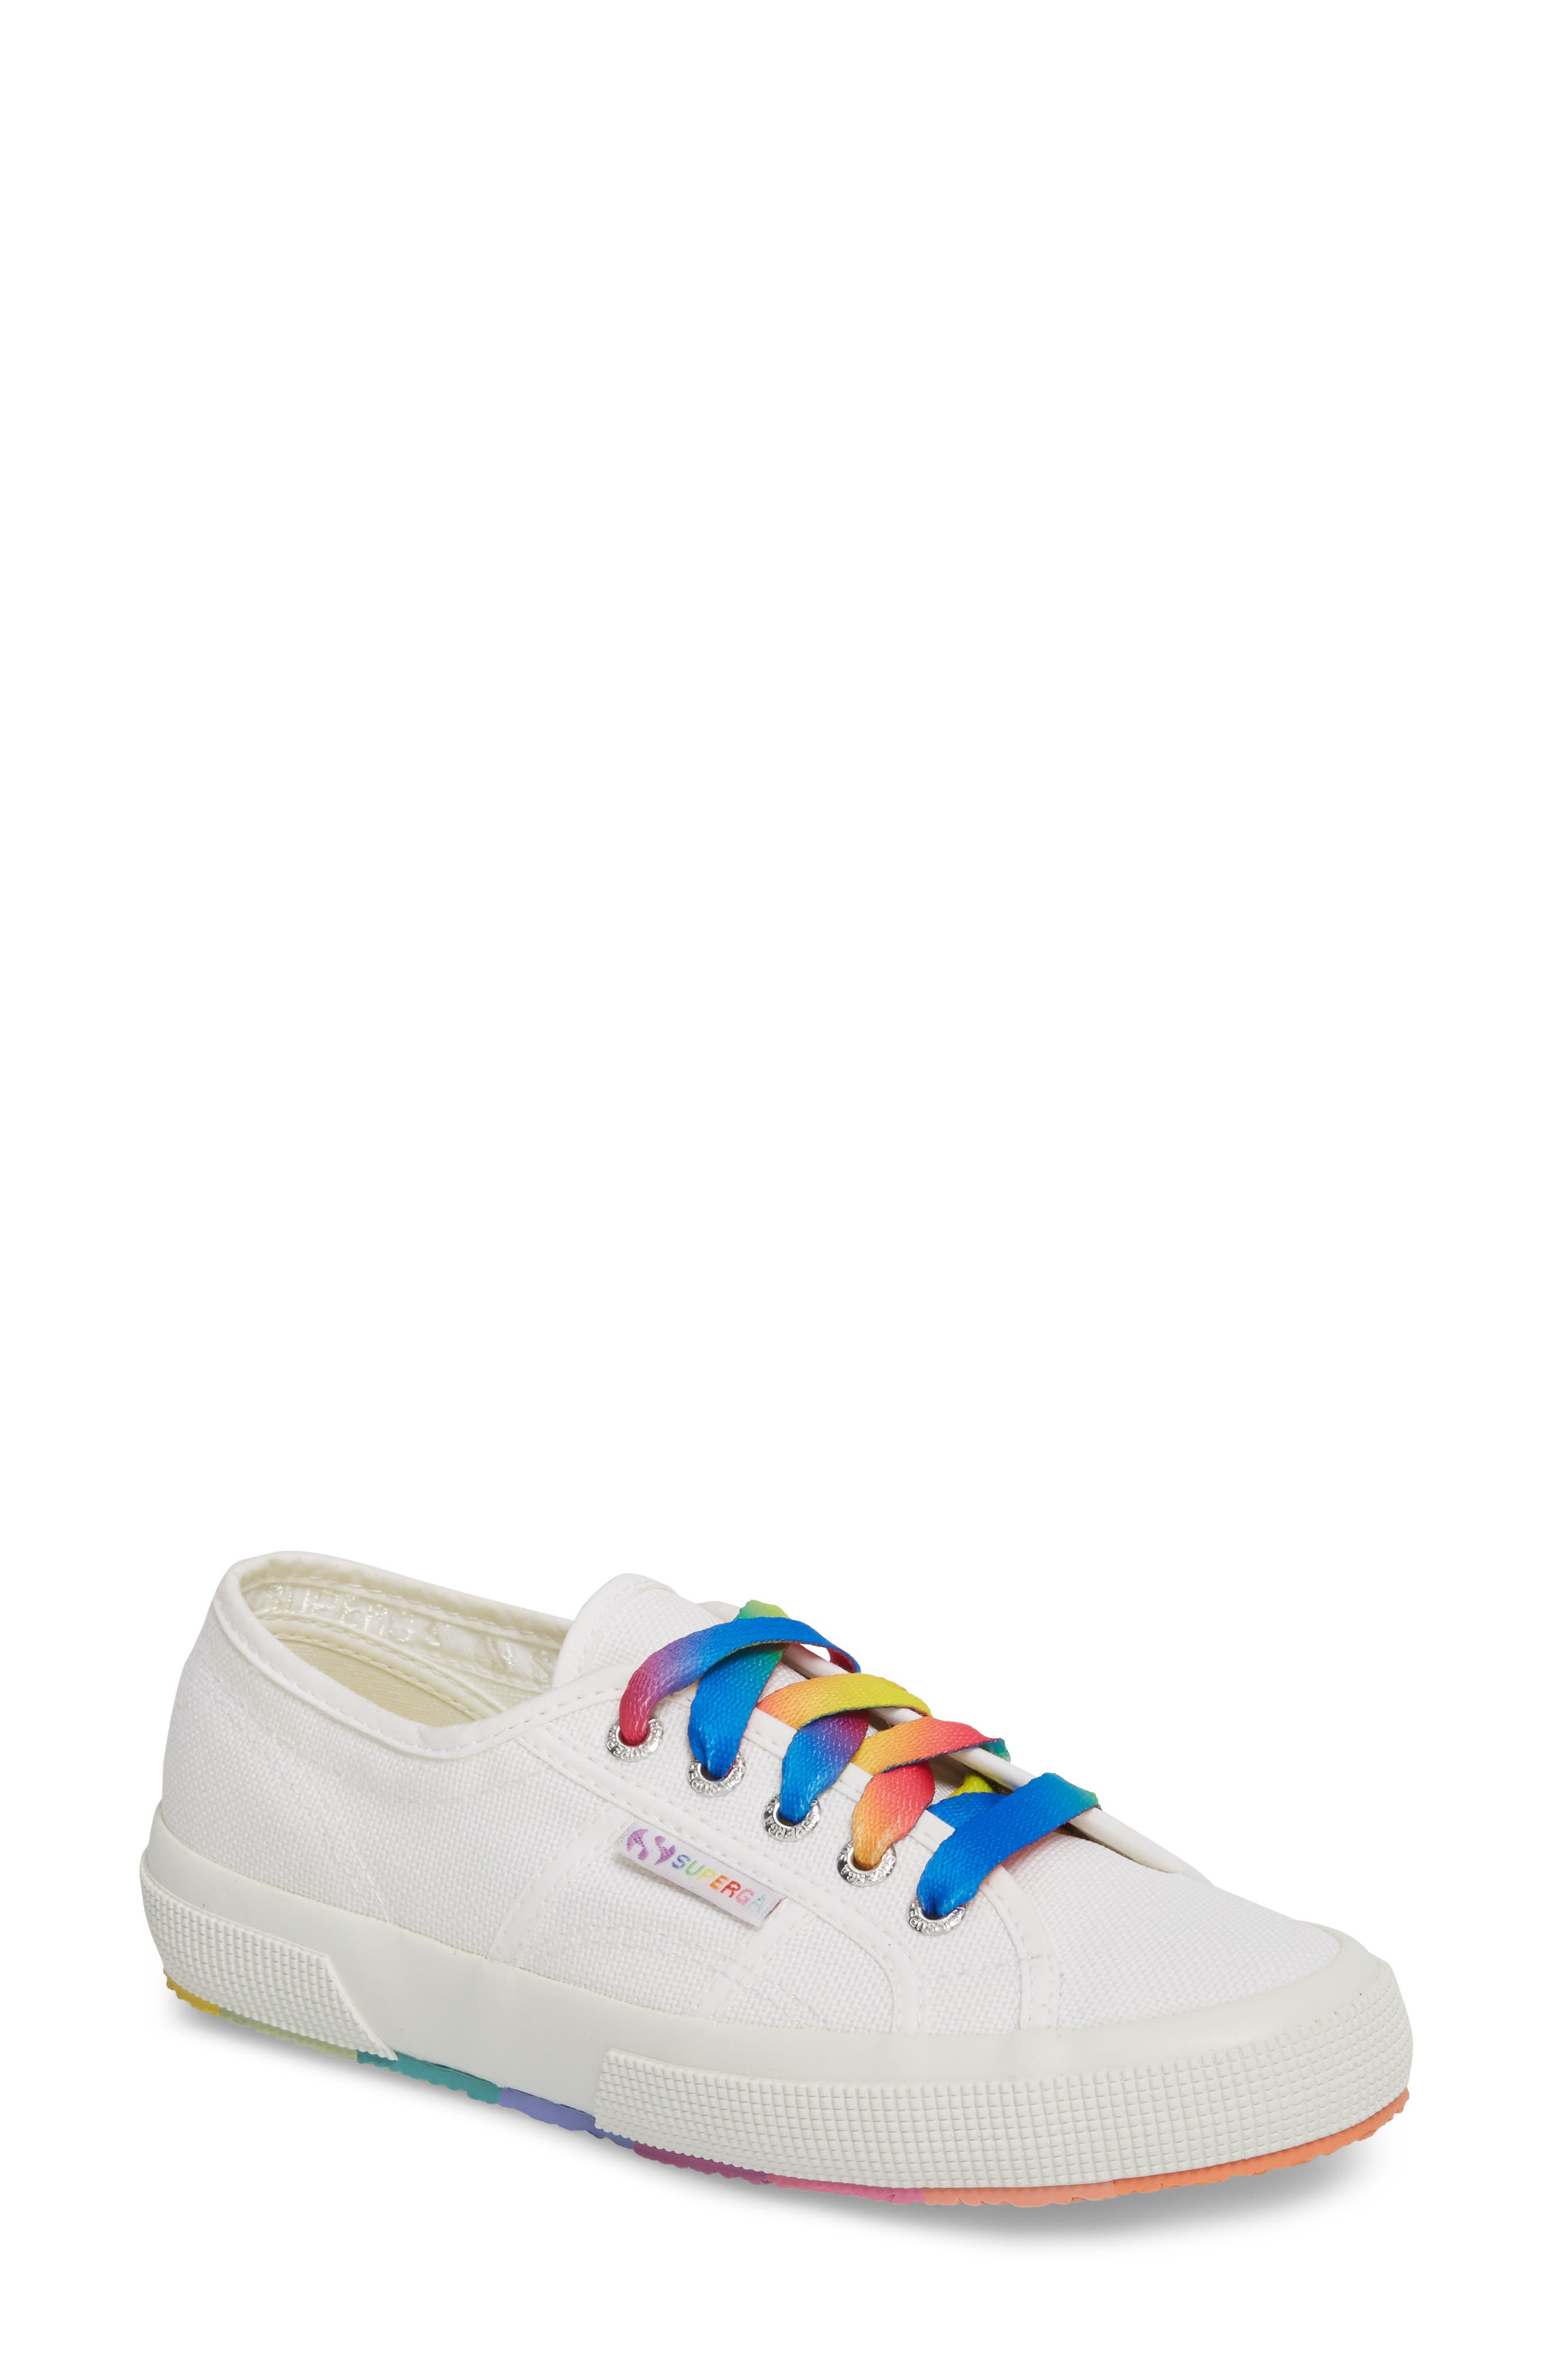 2750 Multicolor Sneaker,                         Main,                         color,